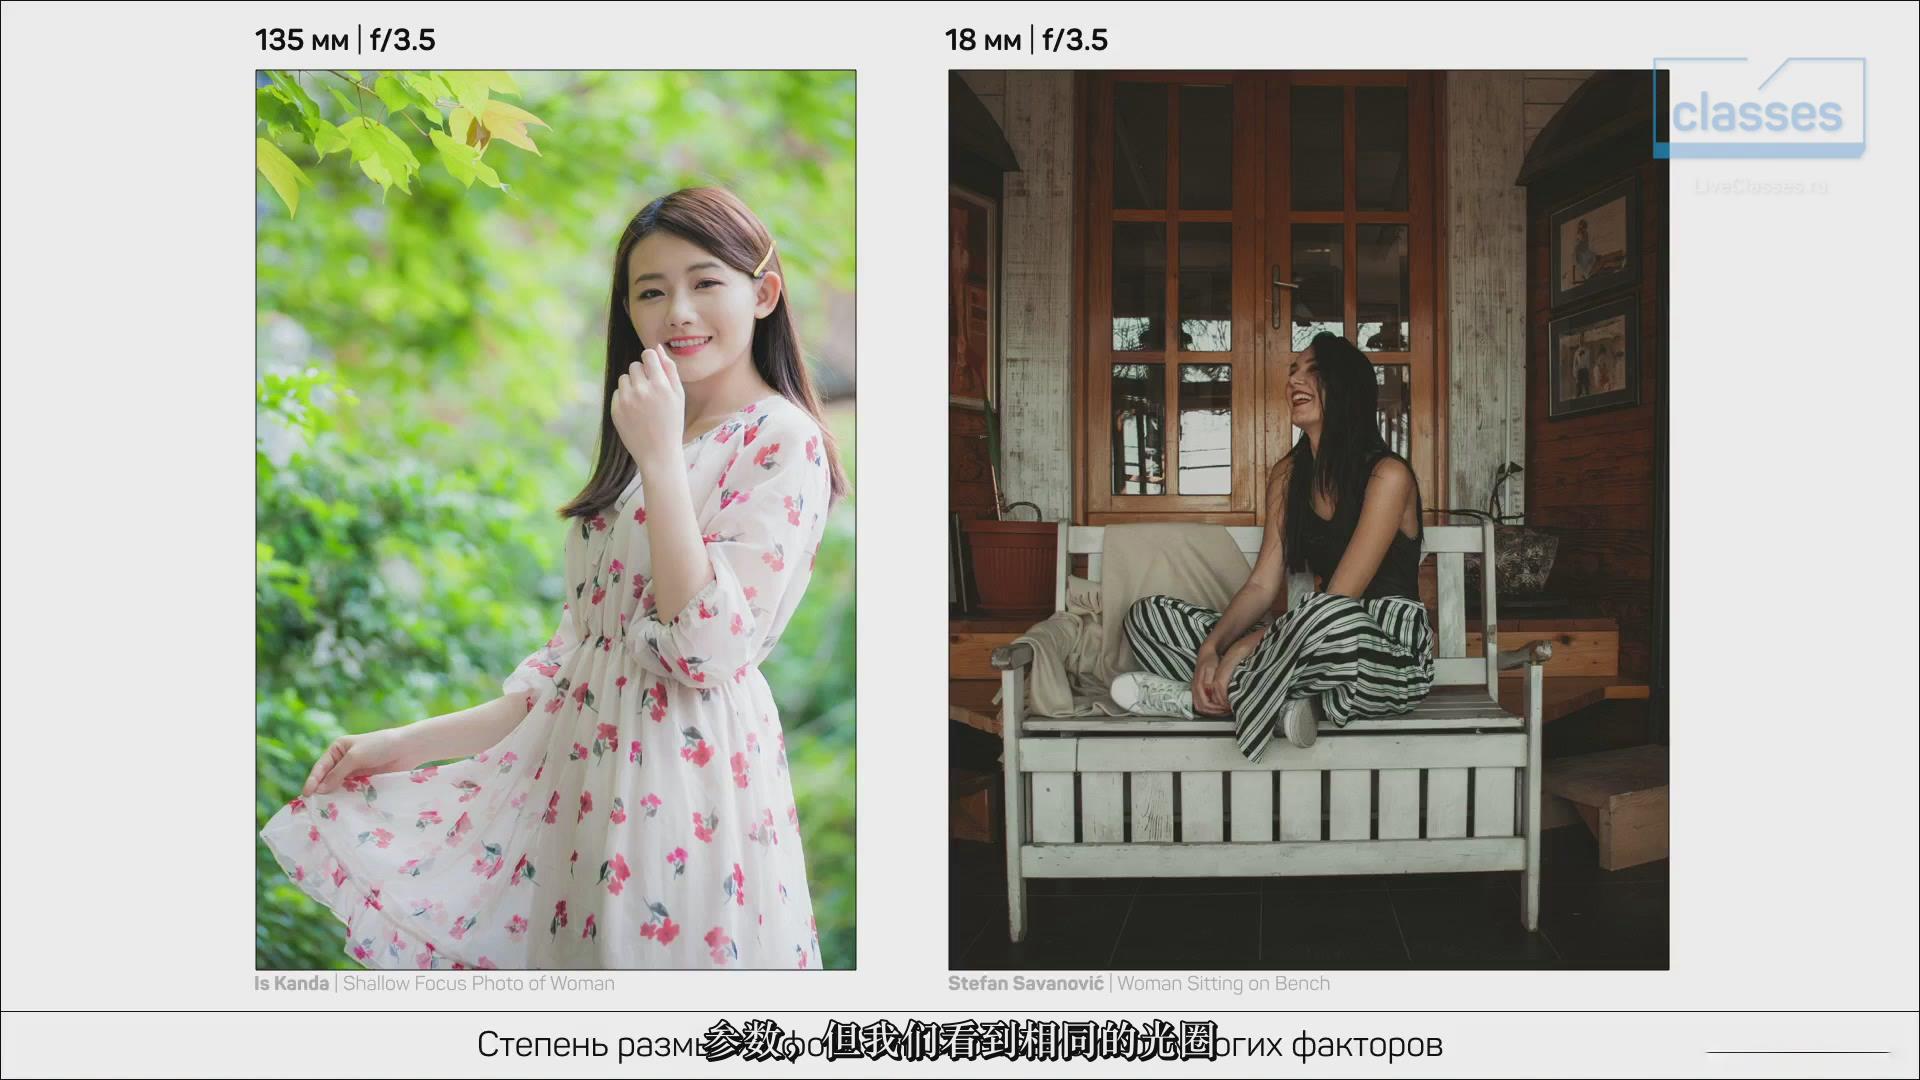 摄影教程_Anton Martynov-学习分析别人照片从而了解学习别人的摄影技术-中文字幕 摄影教程 _预览图7